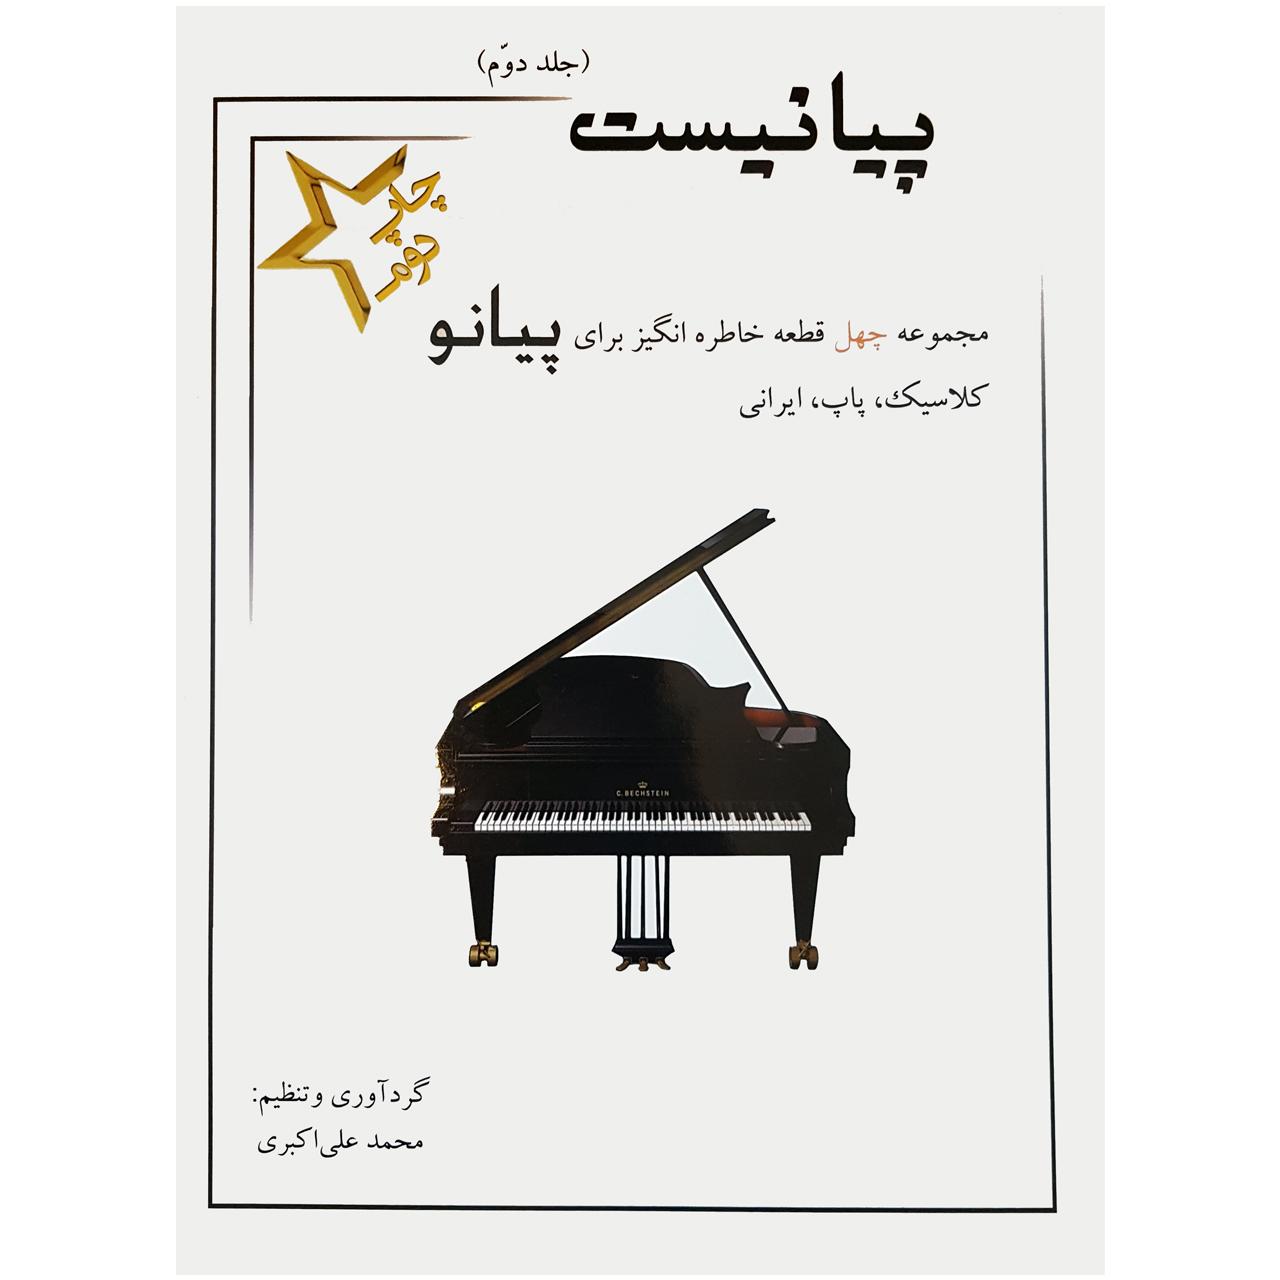 کتاب پیانیست جلد دوم اثر محمد علی اکبری انتشارات سایه پروین